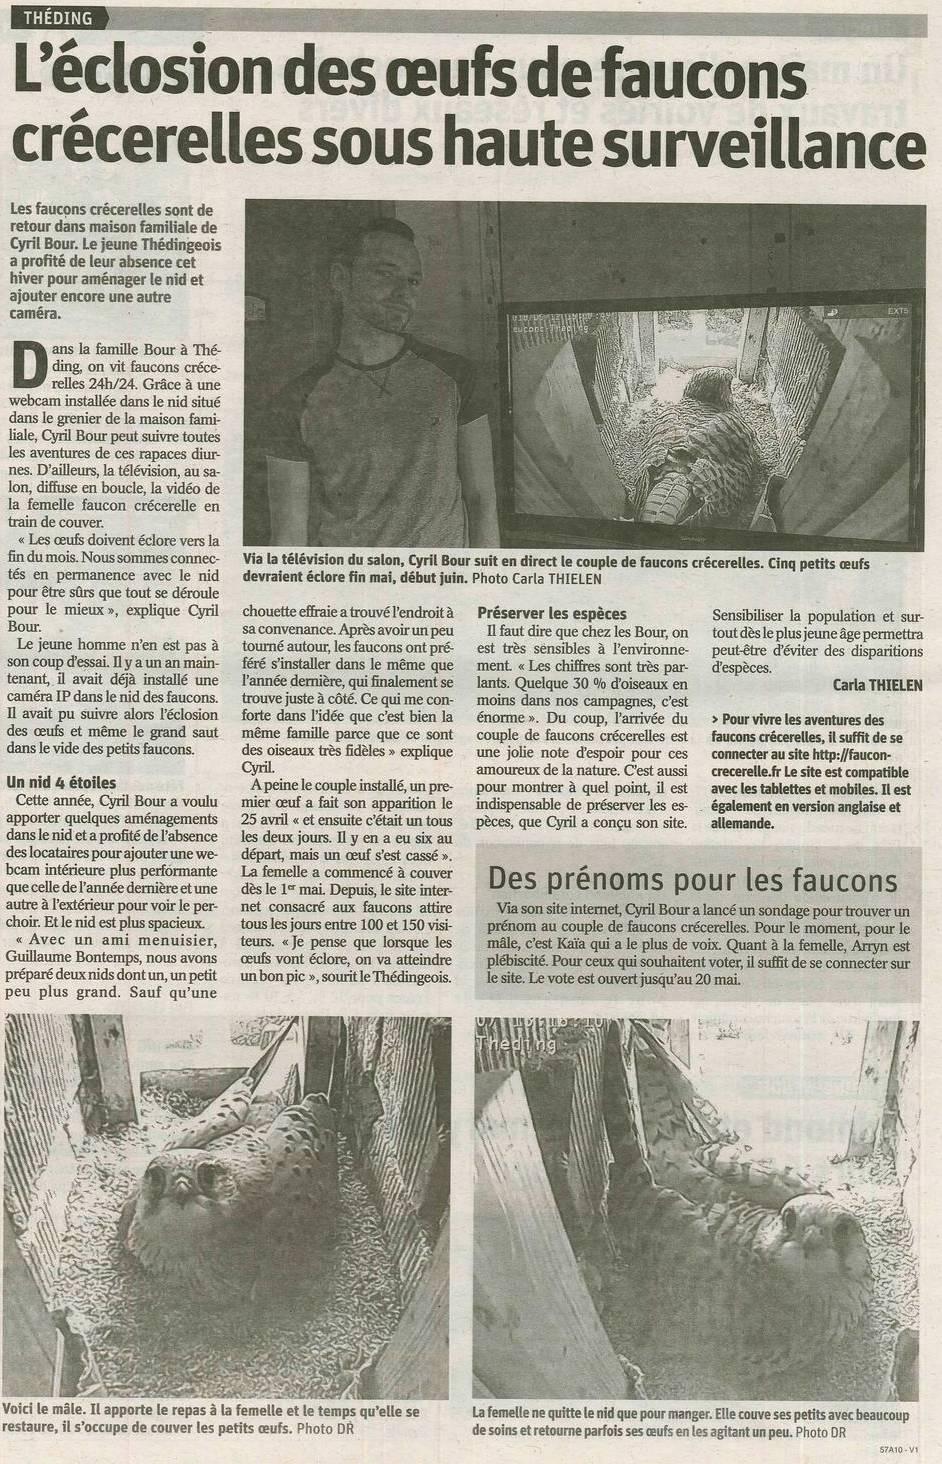 Cyril BOUR faucons Théding républicain Lorrain 2018